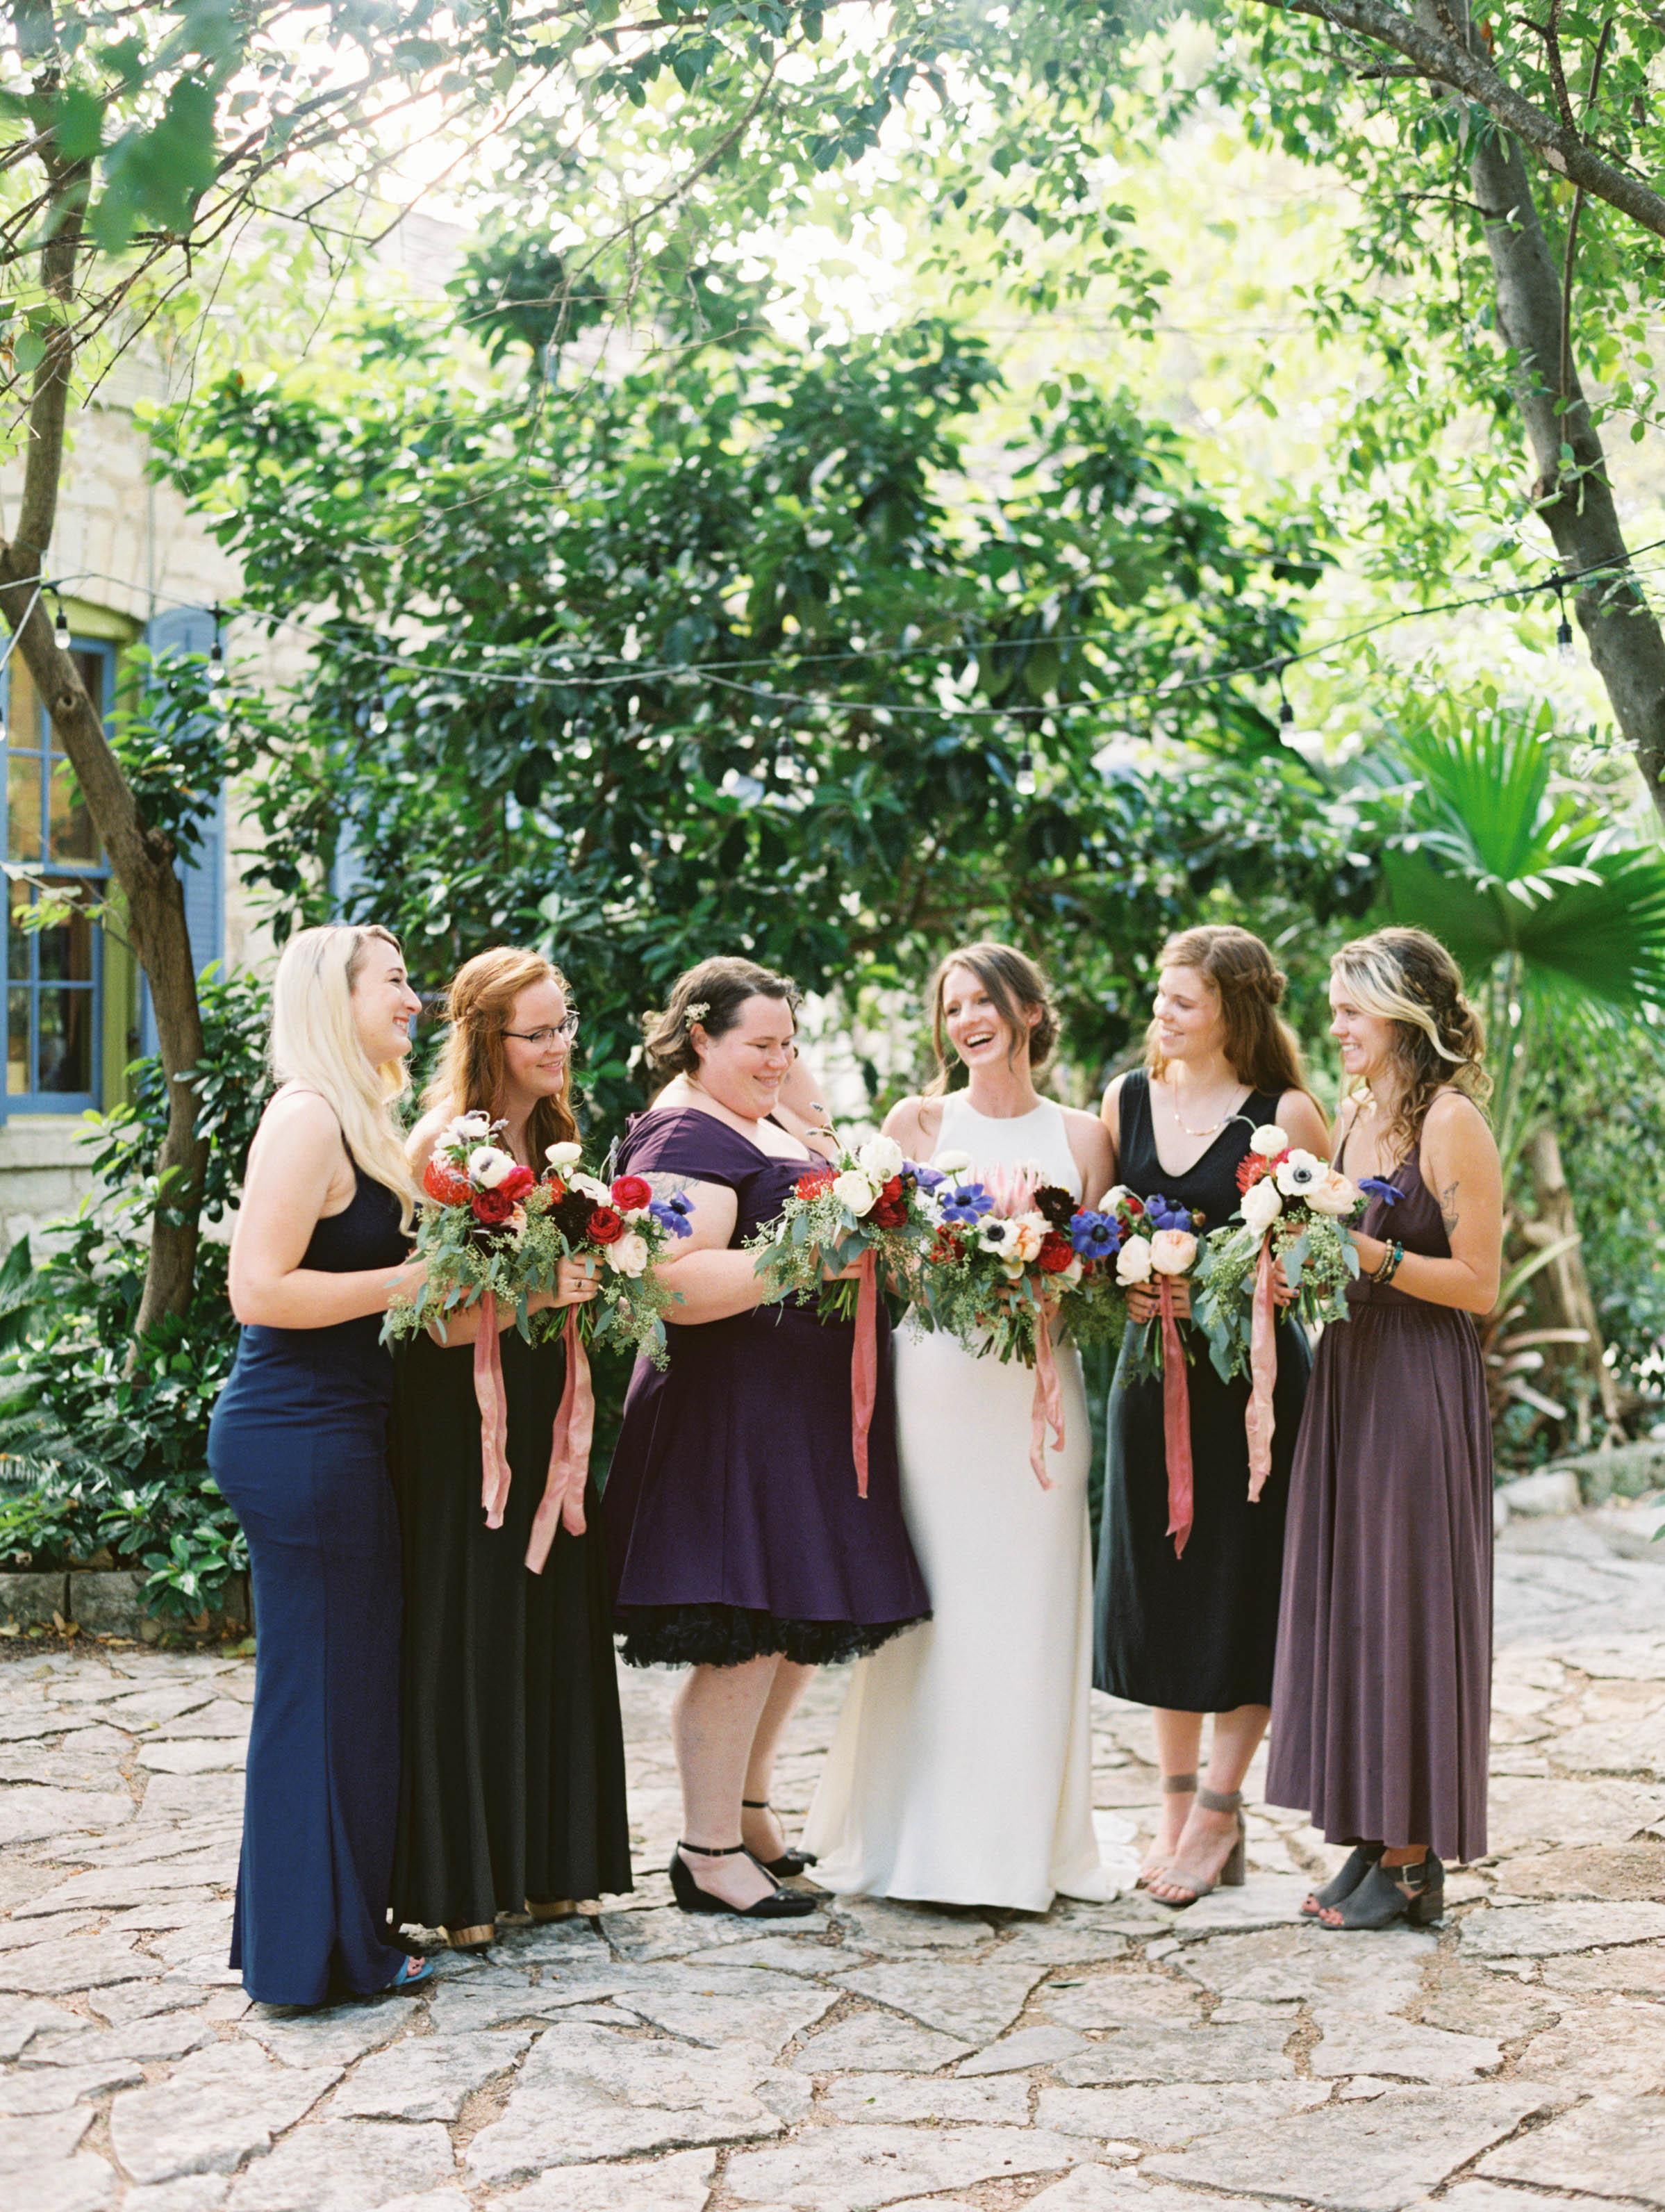 Alex-Kyrany-Wedding-Jennifers-Gardens-150.jpg